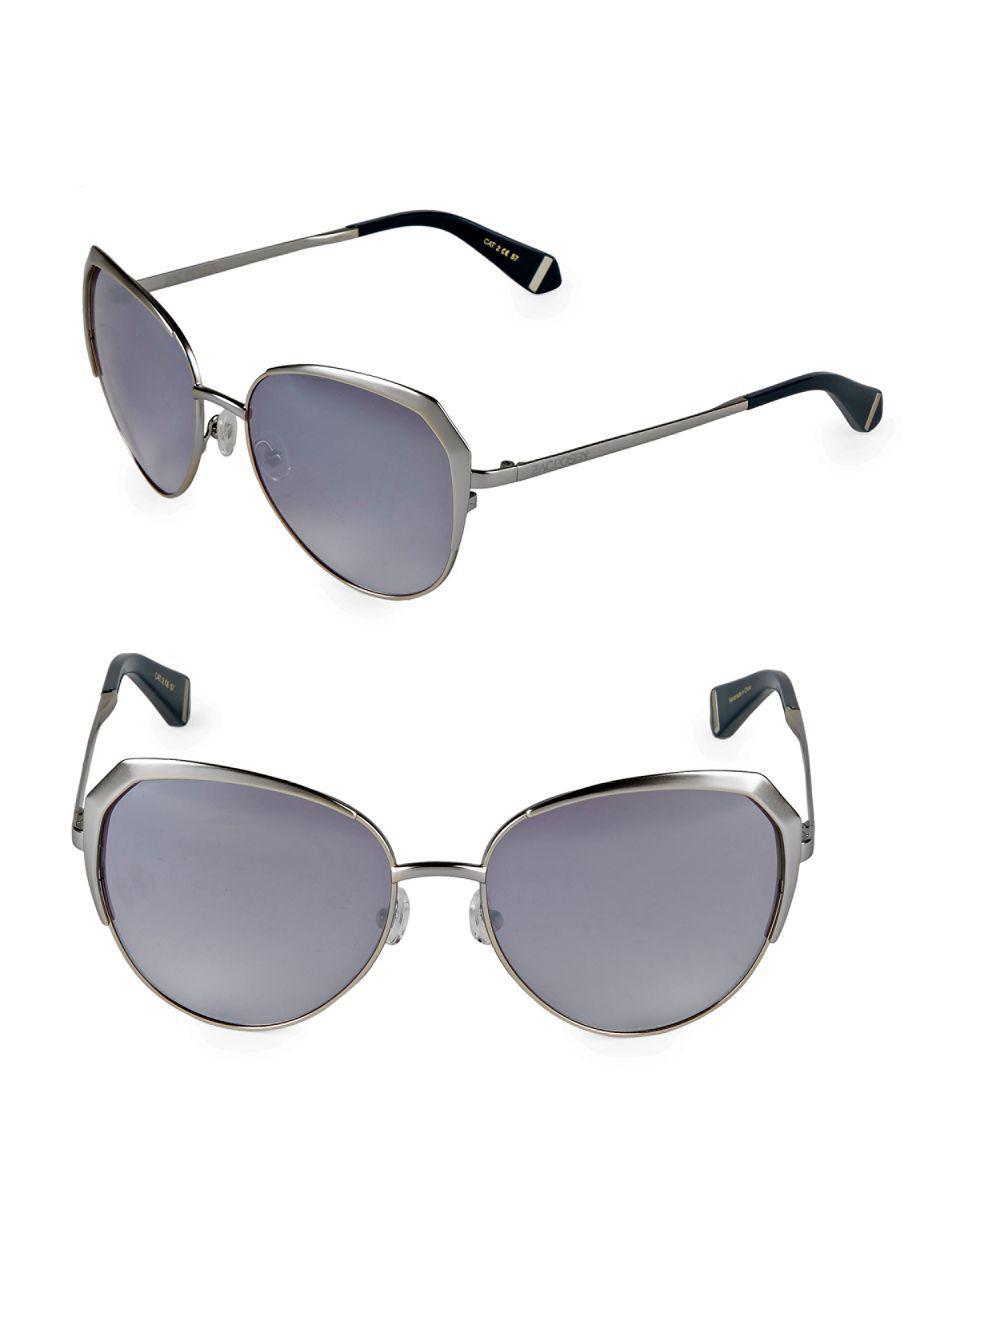 36f0c9d6b9f Lyst - Zac Posen Issa 57mm Oval Sunglasses in Metallic